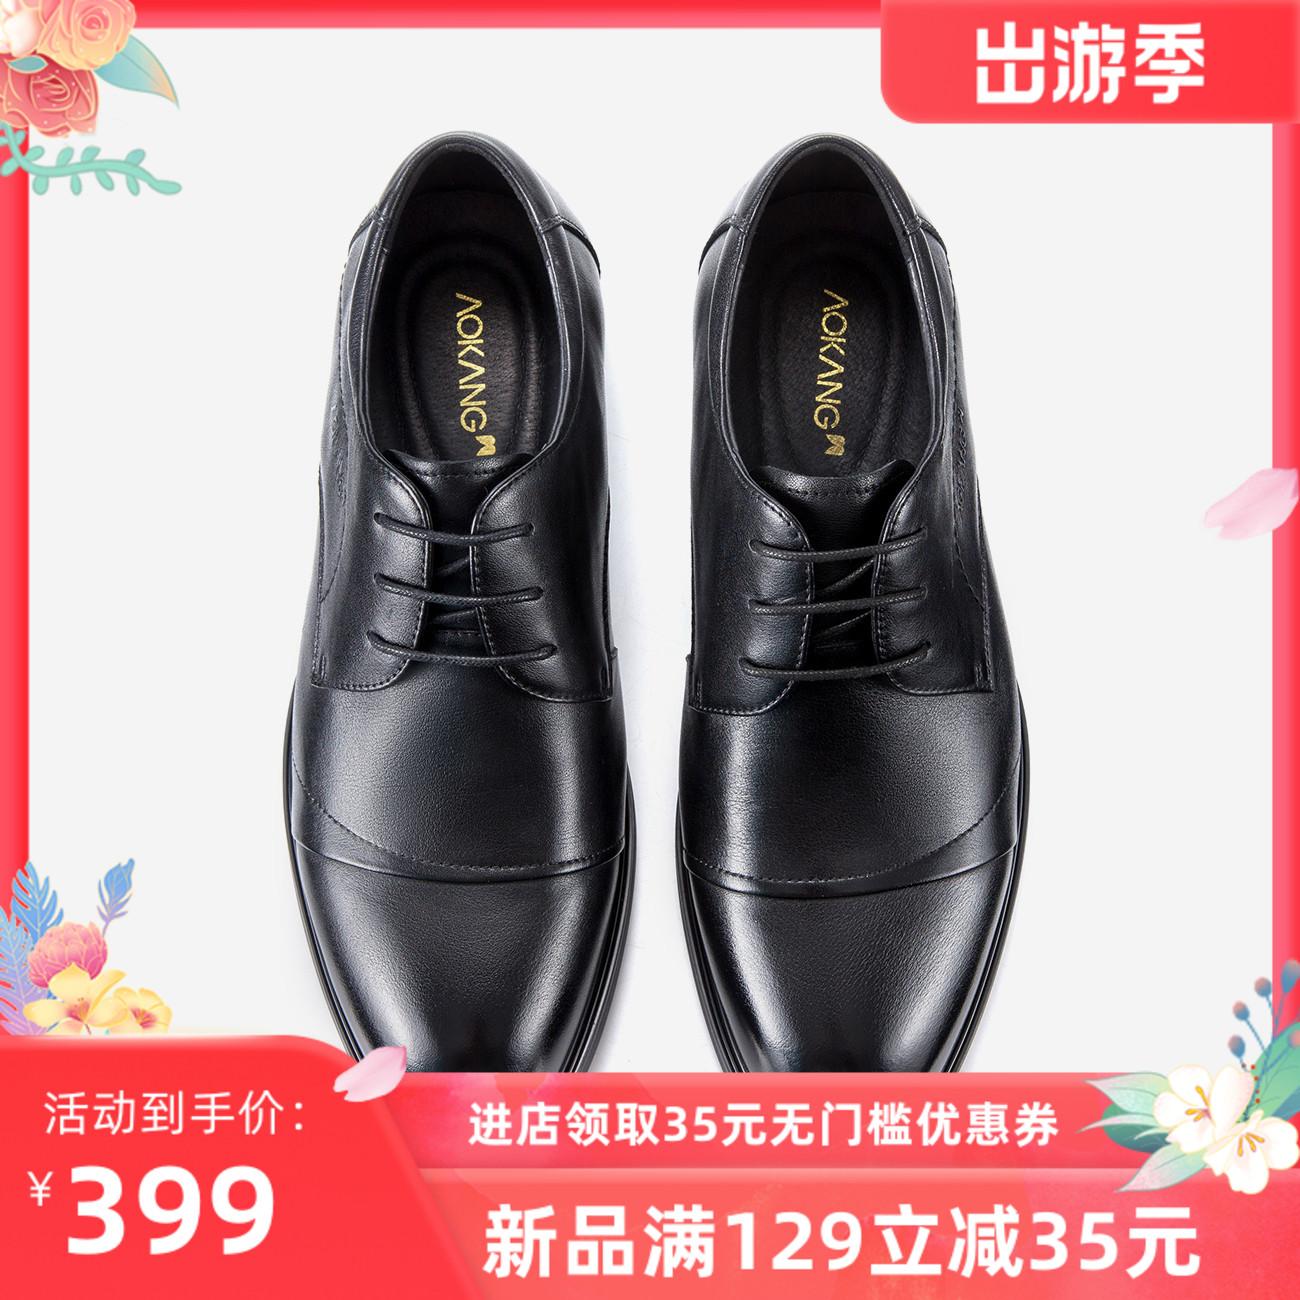 奥康男鞋德比真皮舒适结婚单鞋商务正装皮鞋透气简约宴会休闲鞋子